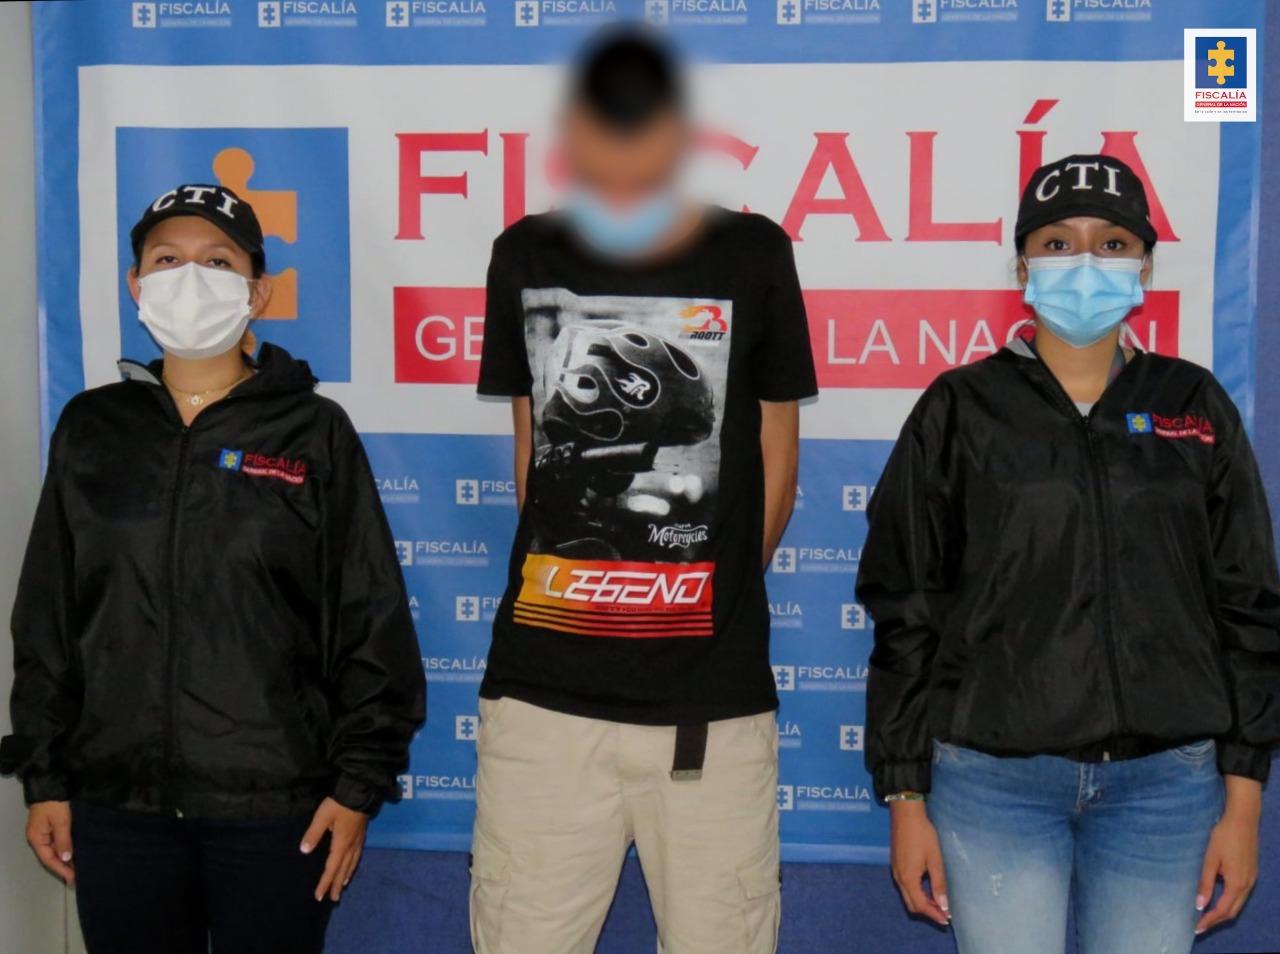 Joven de 21 años fue privado de la libertad por el presunto abuso de una niña de 13 años - Noticias de Colombia